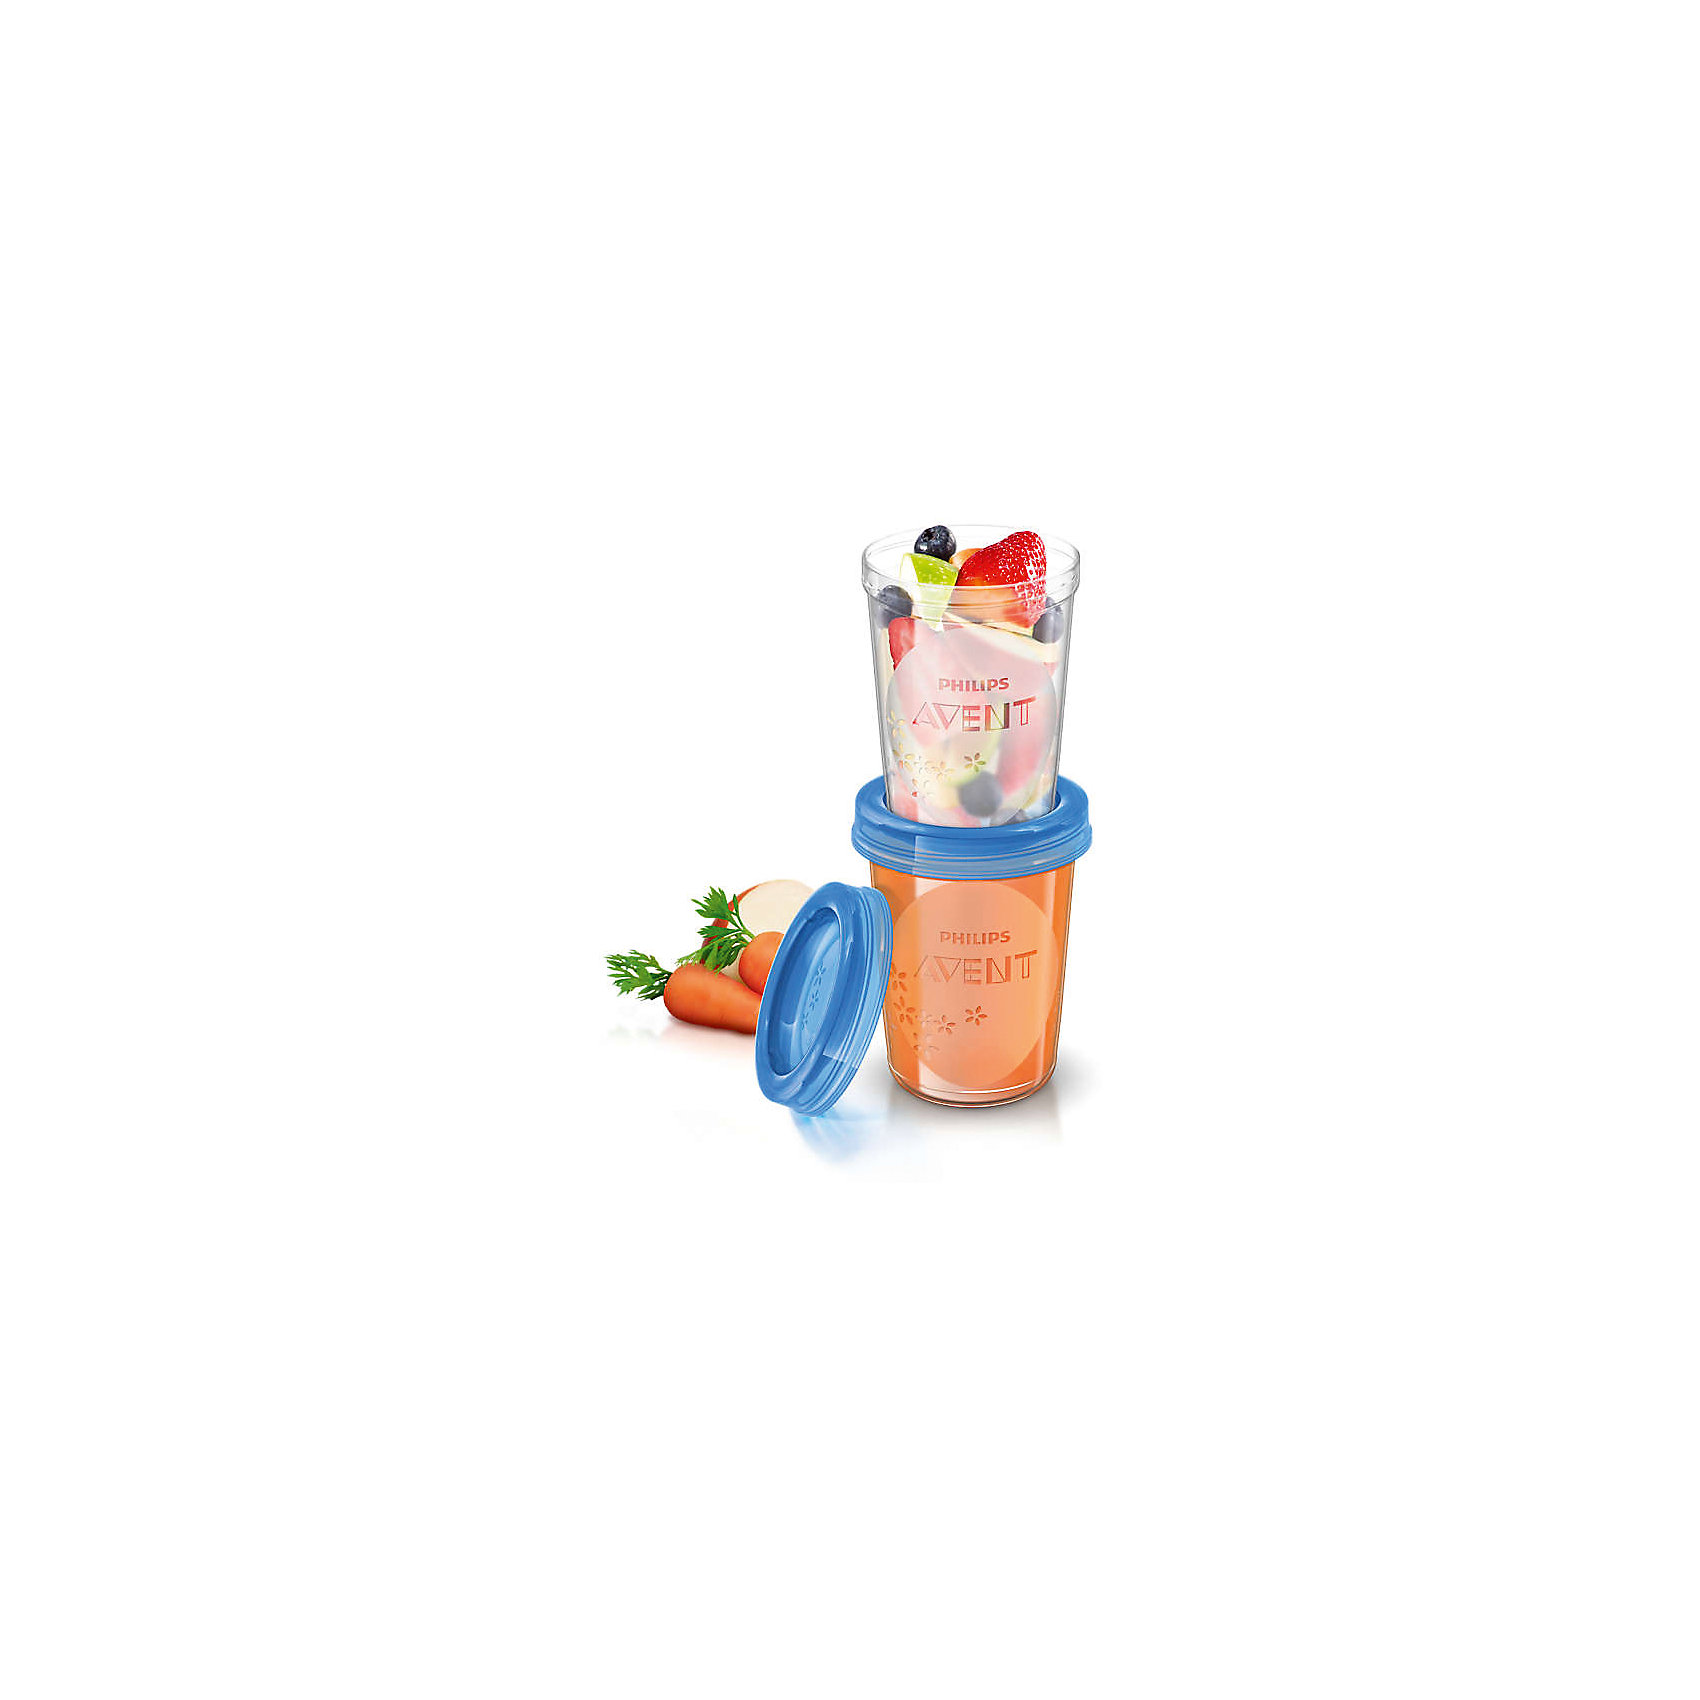 Контейнеры с крышками для хранения питания, 5 шт. 240 мл, Philips AventКонтейнеры<br>Такой набор контейнеров для хранения позволит эффективней сцеживать и хранить грудное молоко. <br><br>Особенности:<br>- Имеют надежную, герметичную крышку для лучшего хранения и транспортировки.<br>- Перед использованием изделие необходимо тщательно промыть.<br>- Контейнеры можно стерилизовать.<br>- Не содержит бисфенол-А.<br><br>Дополнительная информация:<br><br>- Объем: 240 мл.<br>- Кол-во в упаковке: 5 шт.<br>- Размер упаковки: 8х8х20 см.<br>- Вес в упаковке: 172 г.<br><br>Купить контейнеры с крышками для хранения питания от Philips Avent   можно в нашем магазине.<br><br>Ширина мм: 80<br>Глубина мм: 80<br>Высота мм: 200<br>Вес г: 172<br>Возраст от месяцев: 0<br>Возраст до месяцев: 36<br>Пол: Унисекс<br>Возраст: Детский<br>SKU: 4880877